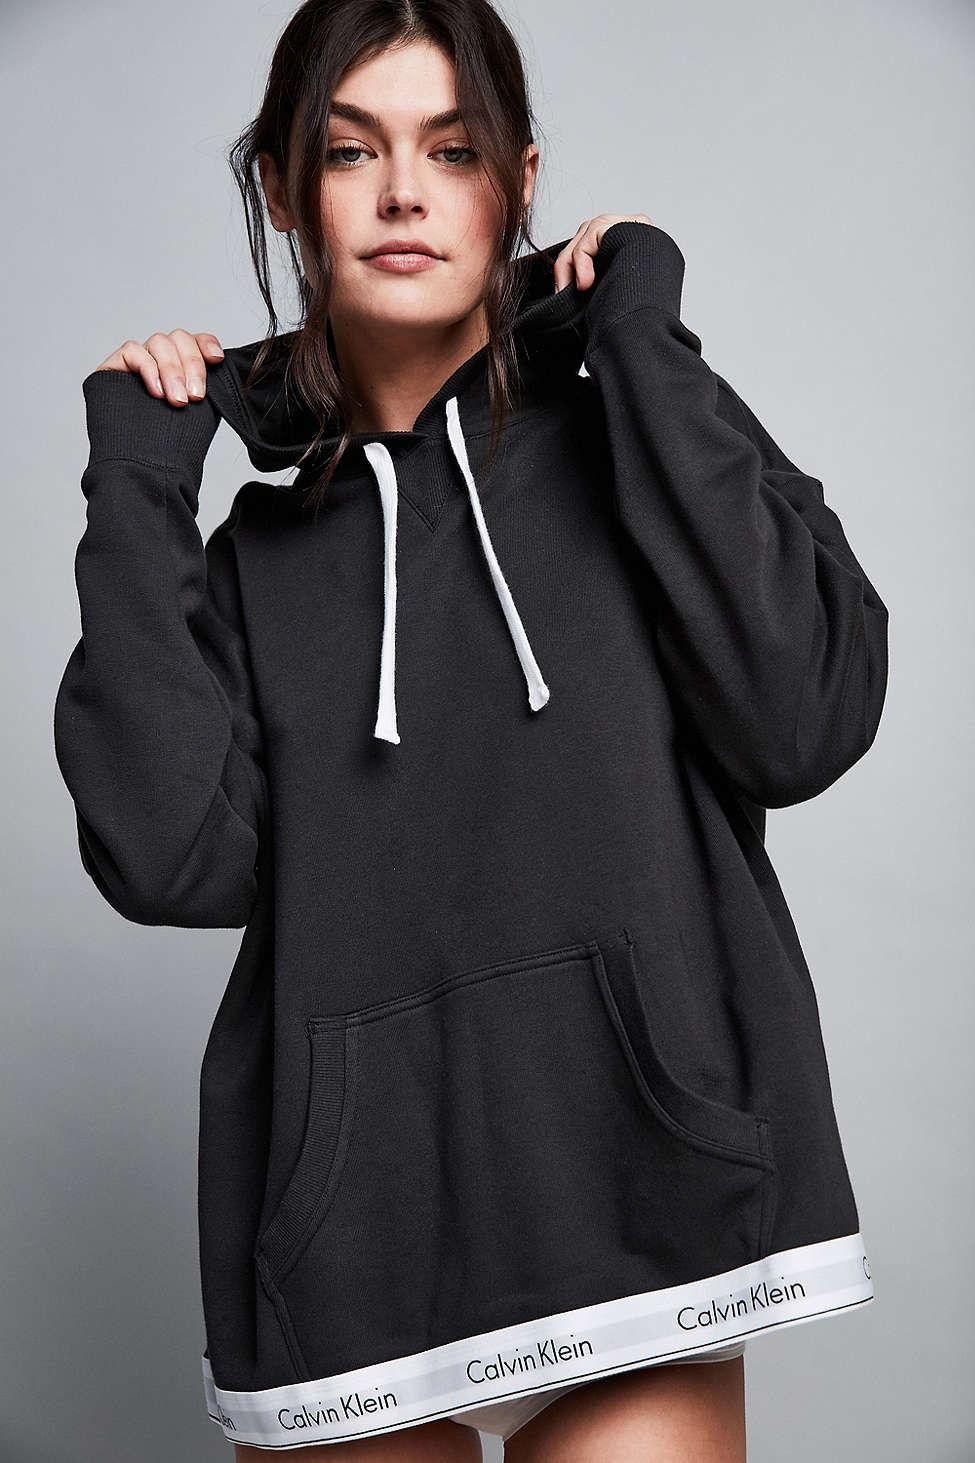 Calvin Klein™Modern Hoodie Urban Sweatshirt Outfitters Cotton rBtsQdohCx